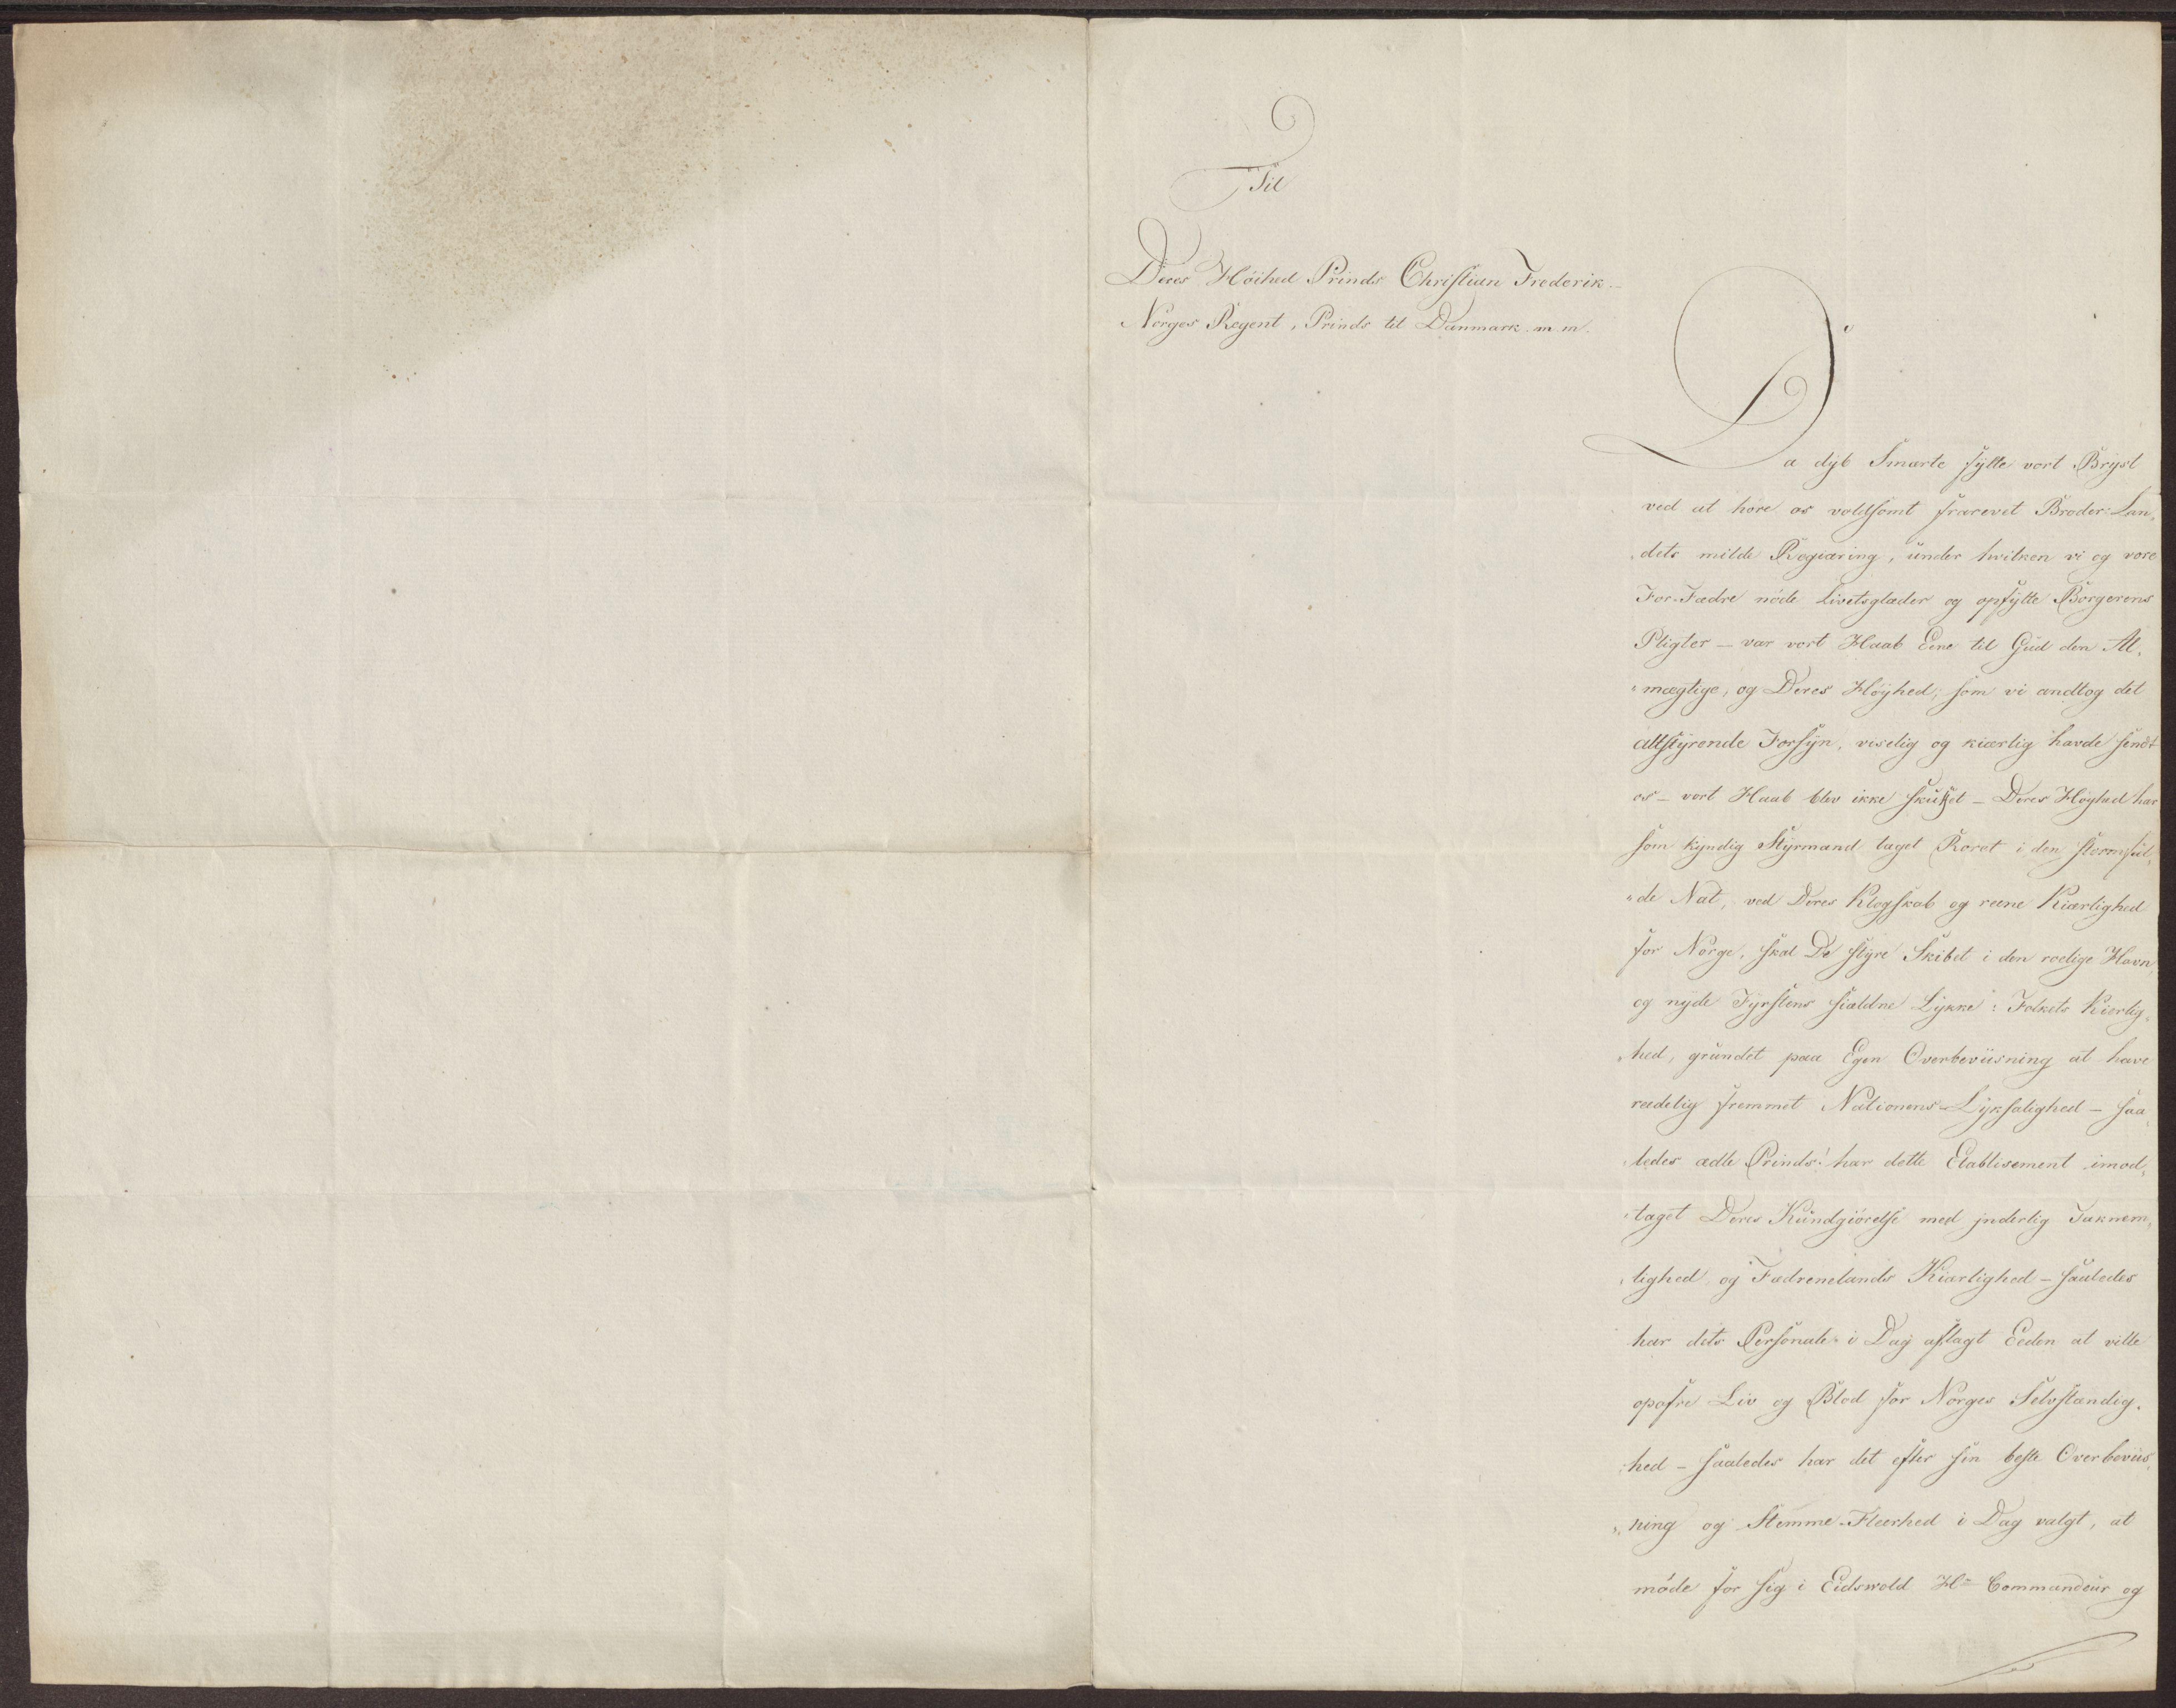 RA, Statsrådssekretariatet, D/Db/L0007: Fullmakter for Eidsvollsrepresentantene i 1814. , 1814, s. 125